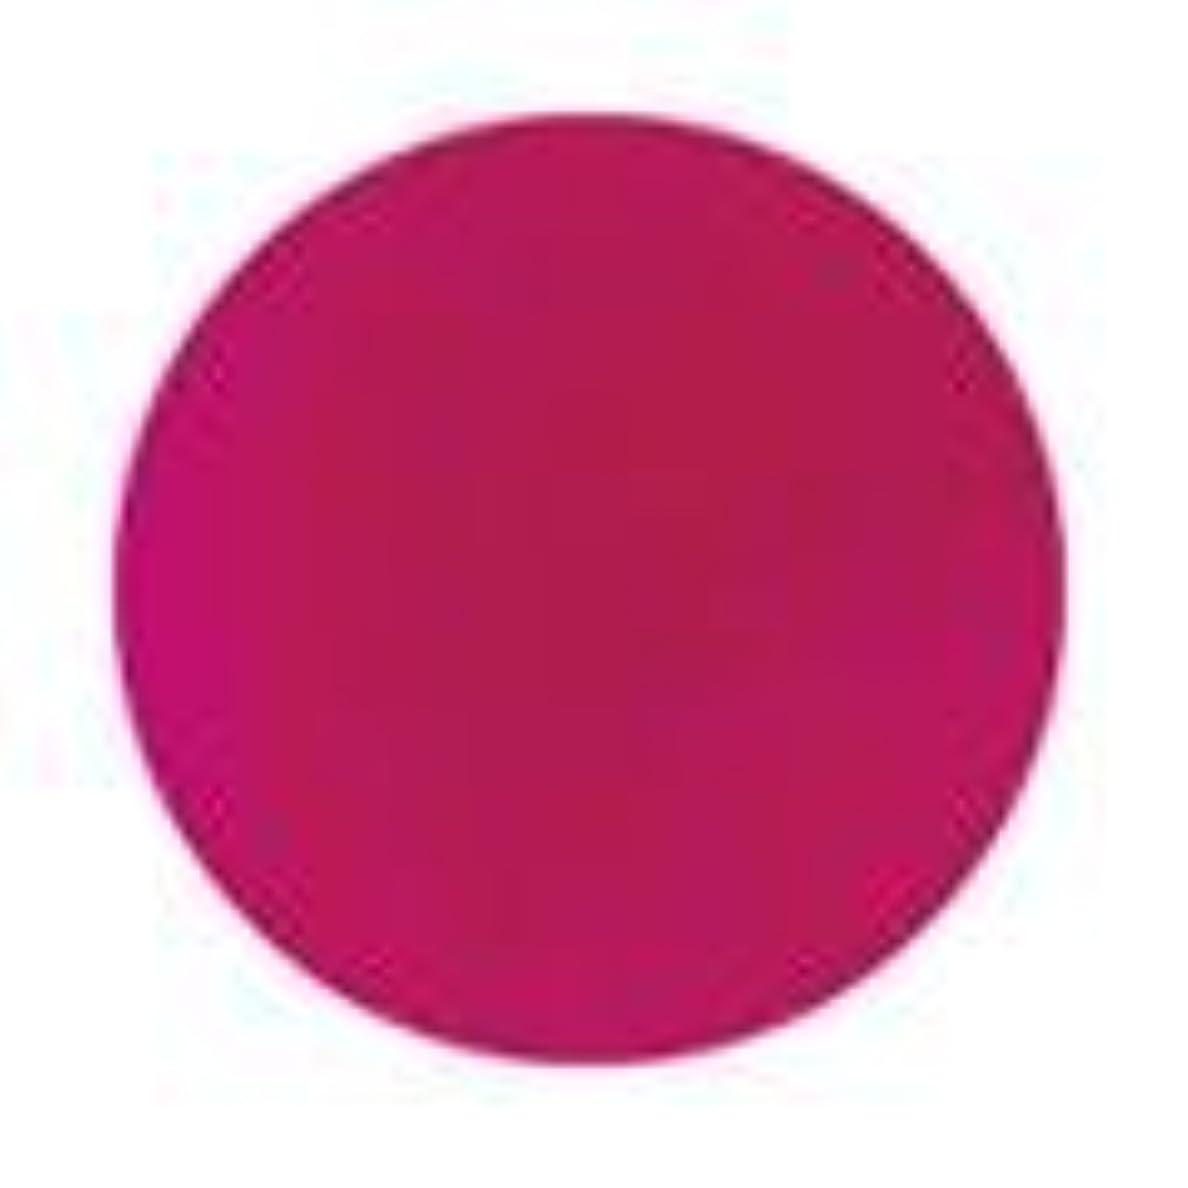 コメンテーター確かにお香Jessica ジェレレーション カラー 15ml  463 パッションネイトキッシーズ